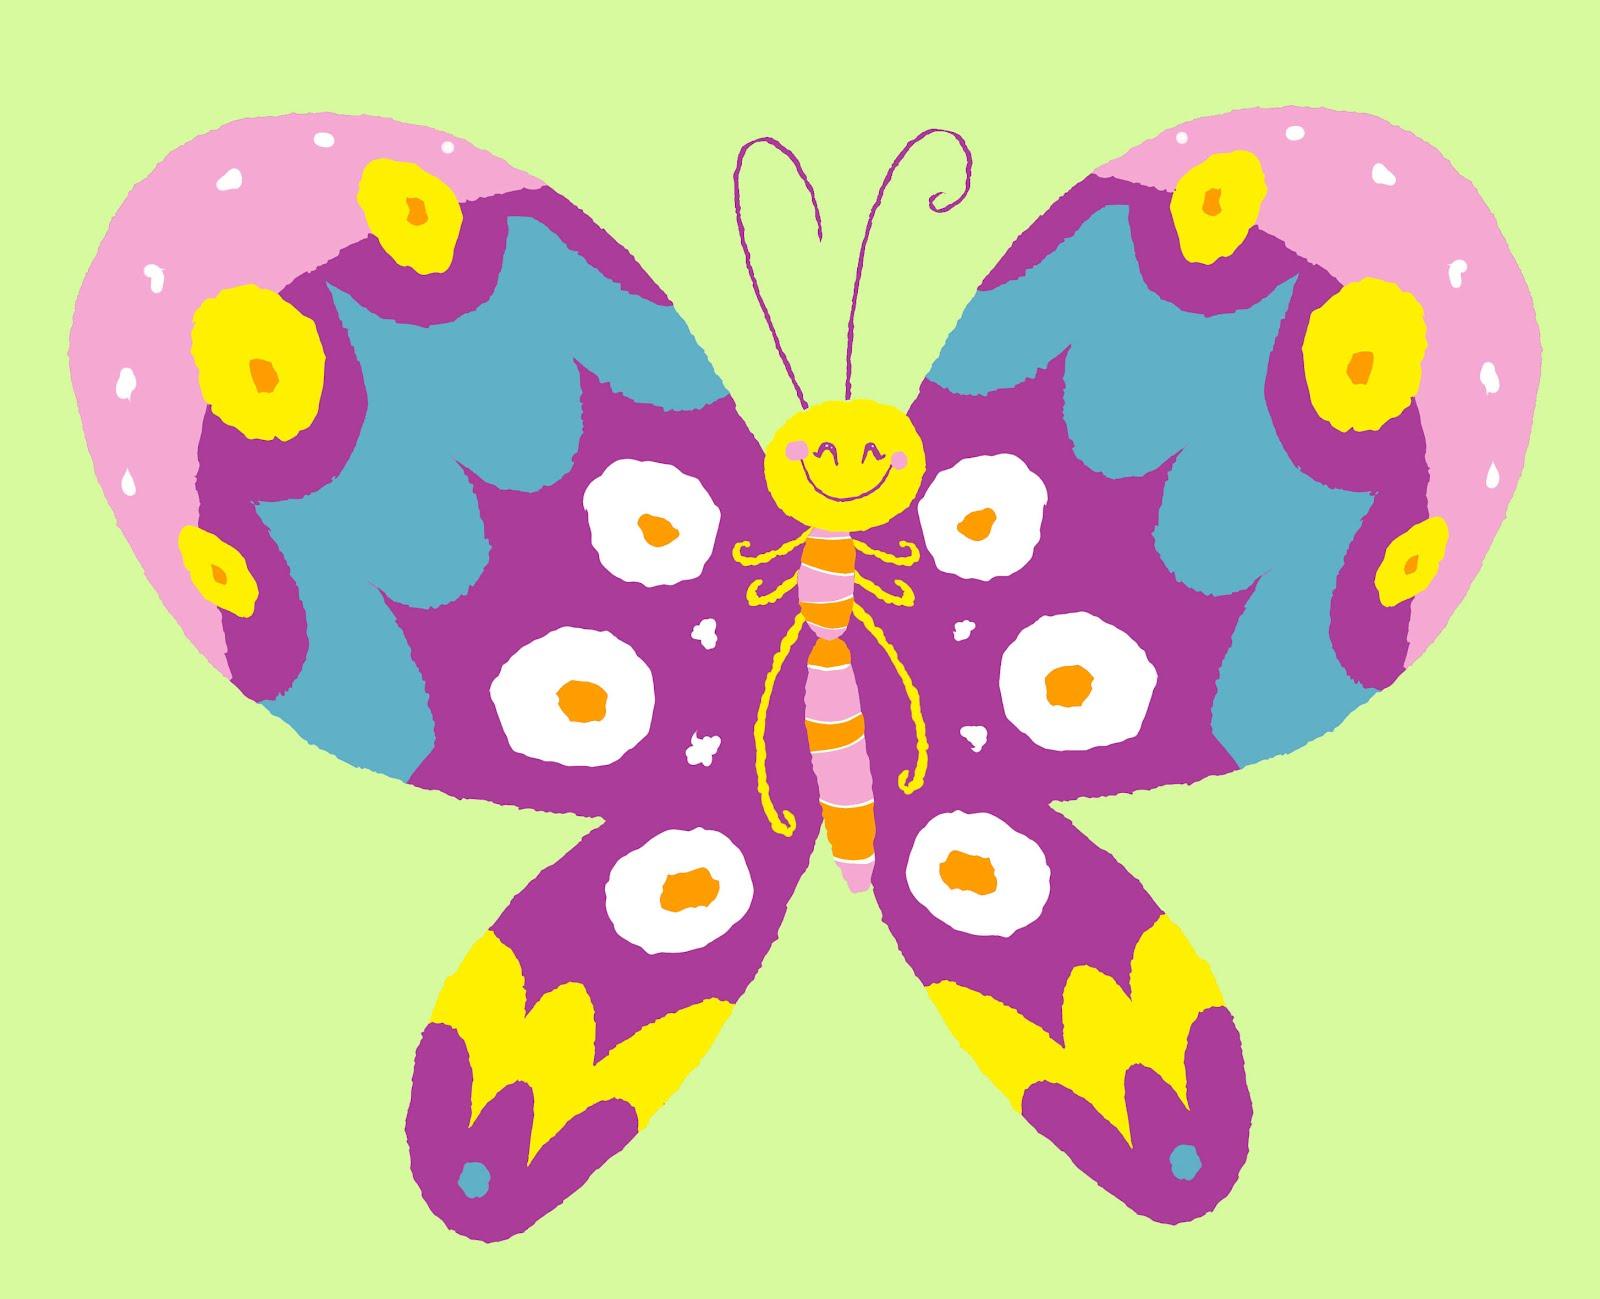 Kupu-kupu_tangan%2Bkuning.jpg